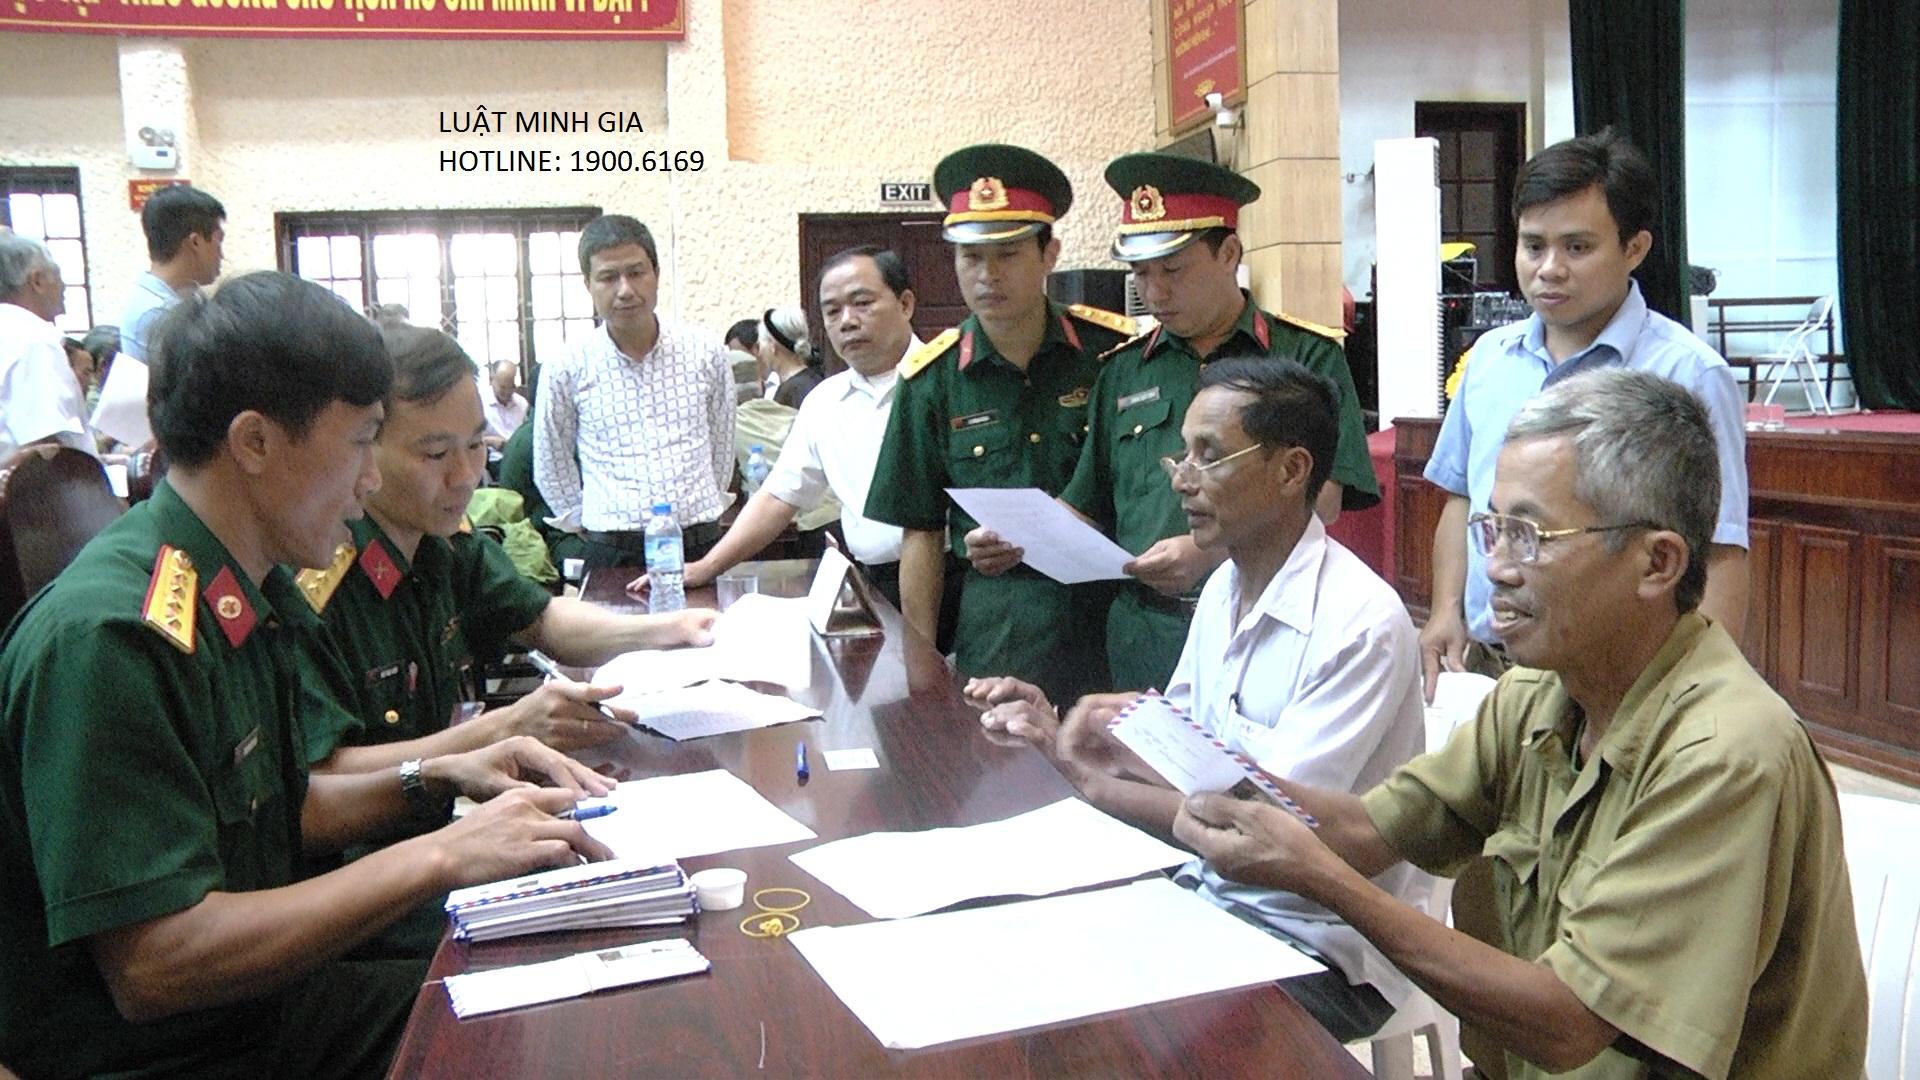 Thời gian giải quyết chế độ theo Quyết định số 62/2011/QĐ-TTG của Thủ tướng Chính phủ?